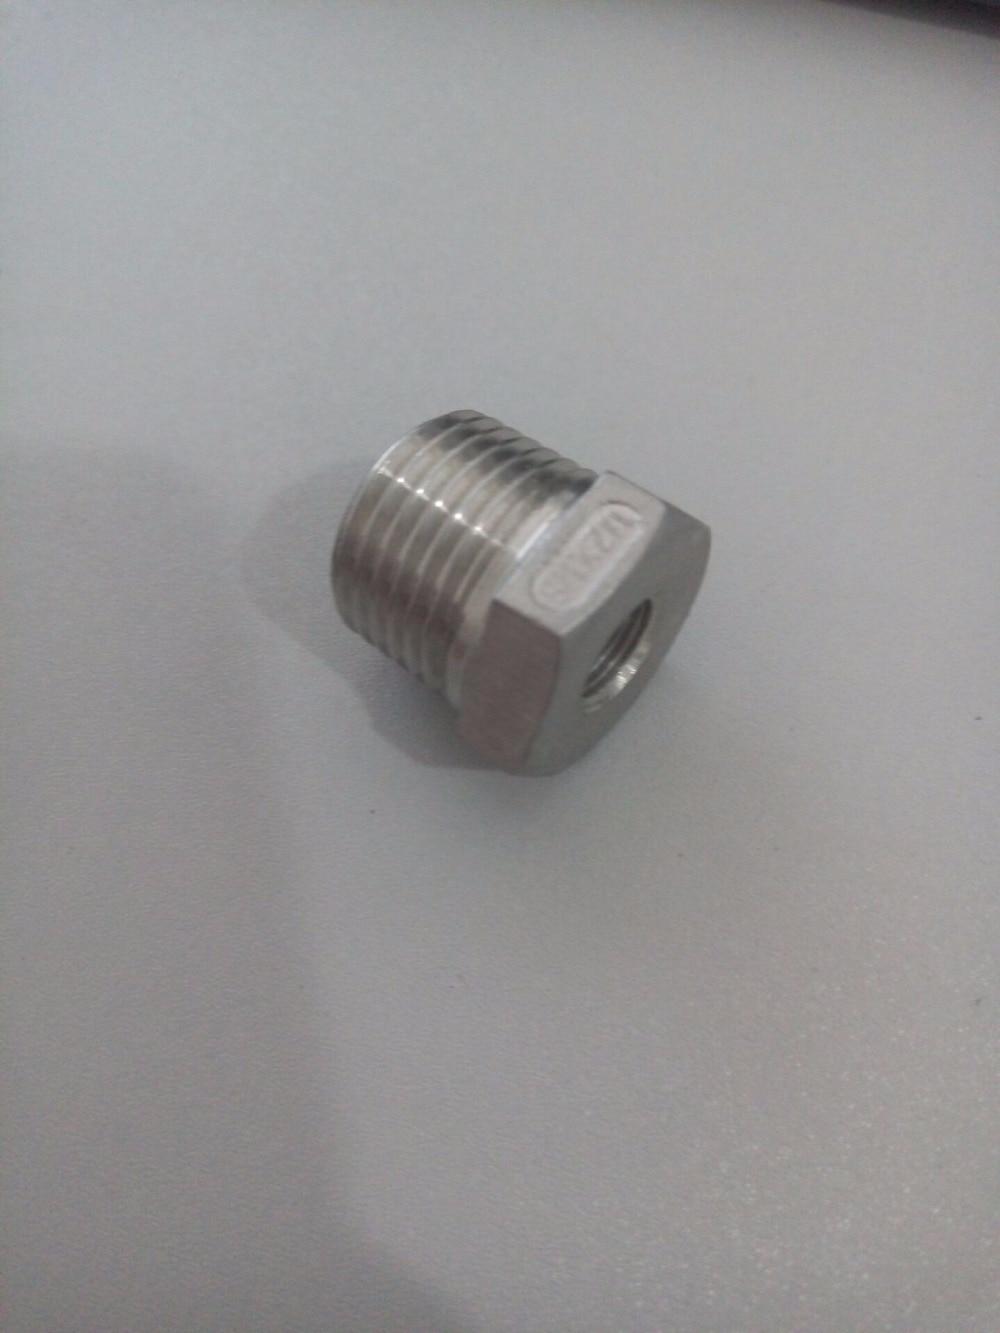 웃 유 stainless steel ≧ reducer bsp male